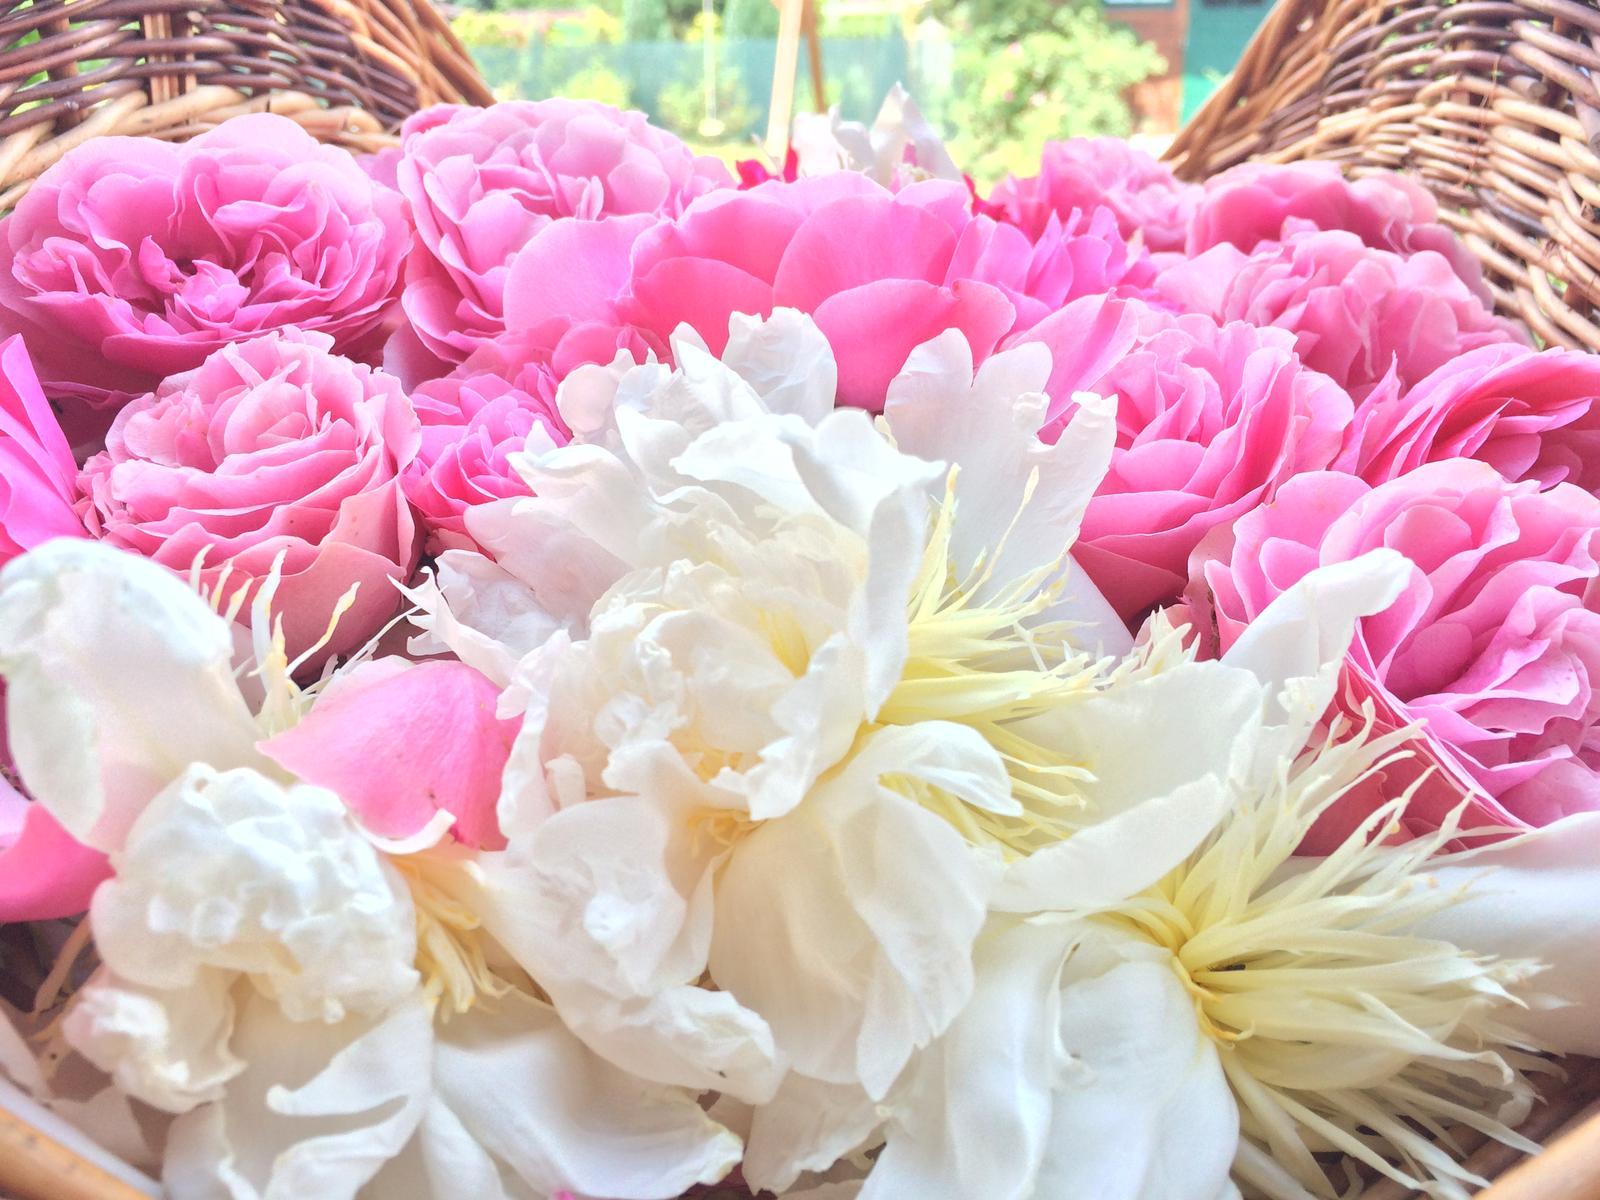 Dekorace z květin Pro radost - Odkvétající pivoňky a růže ....